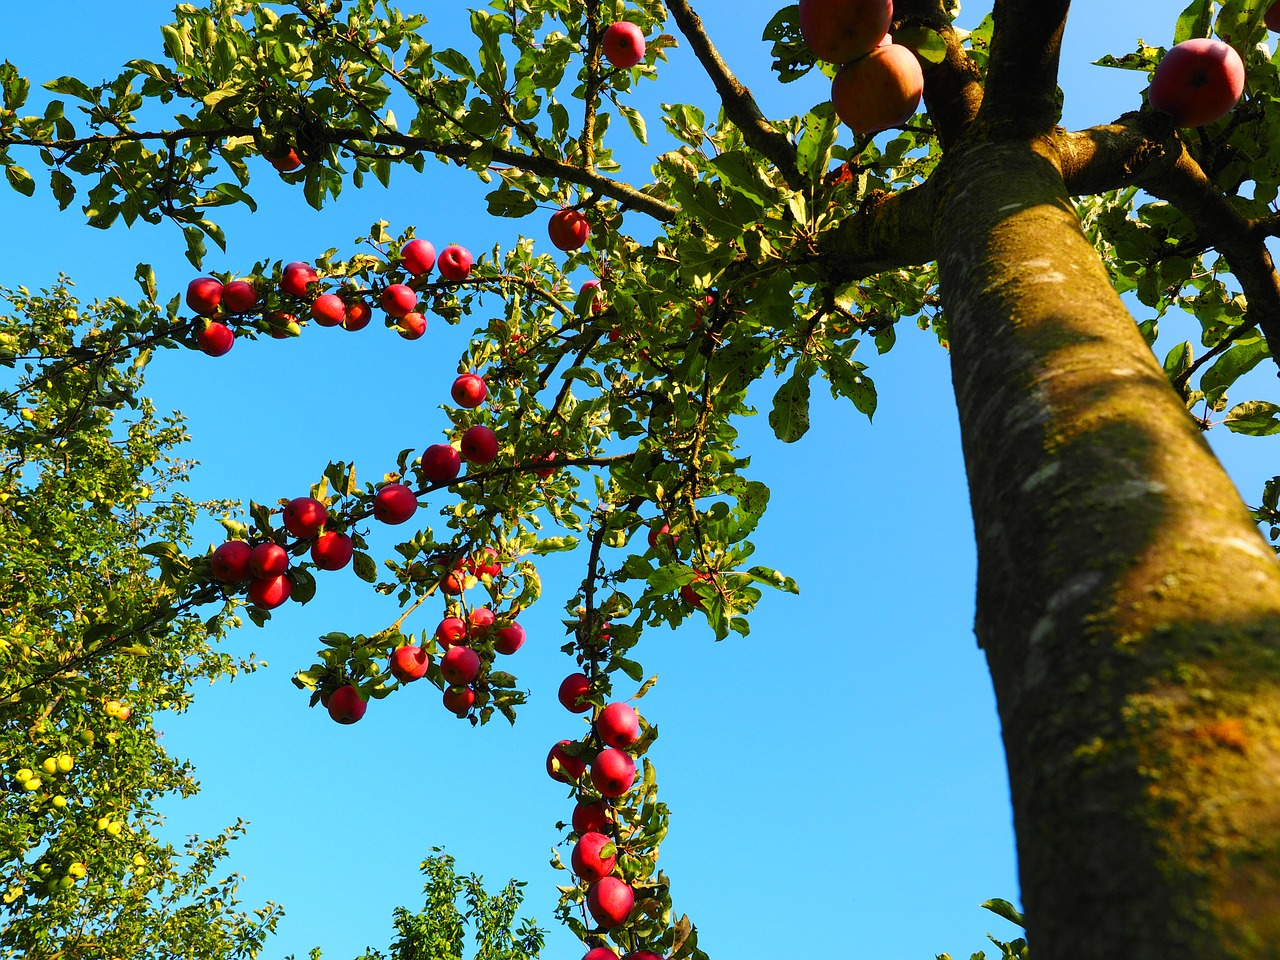 apple-tree-694015_1280